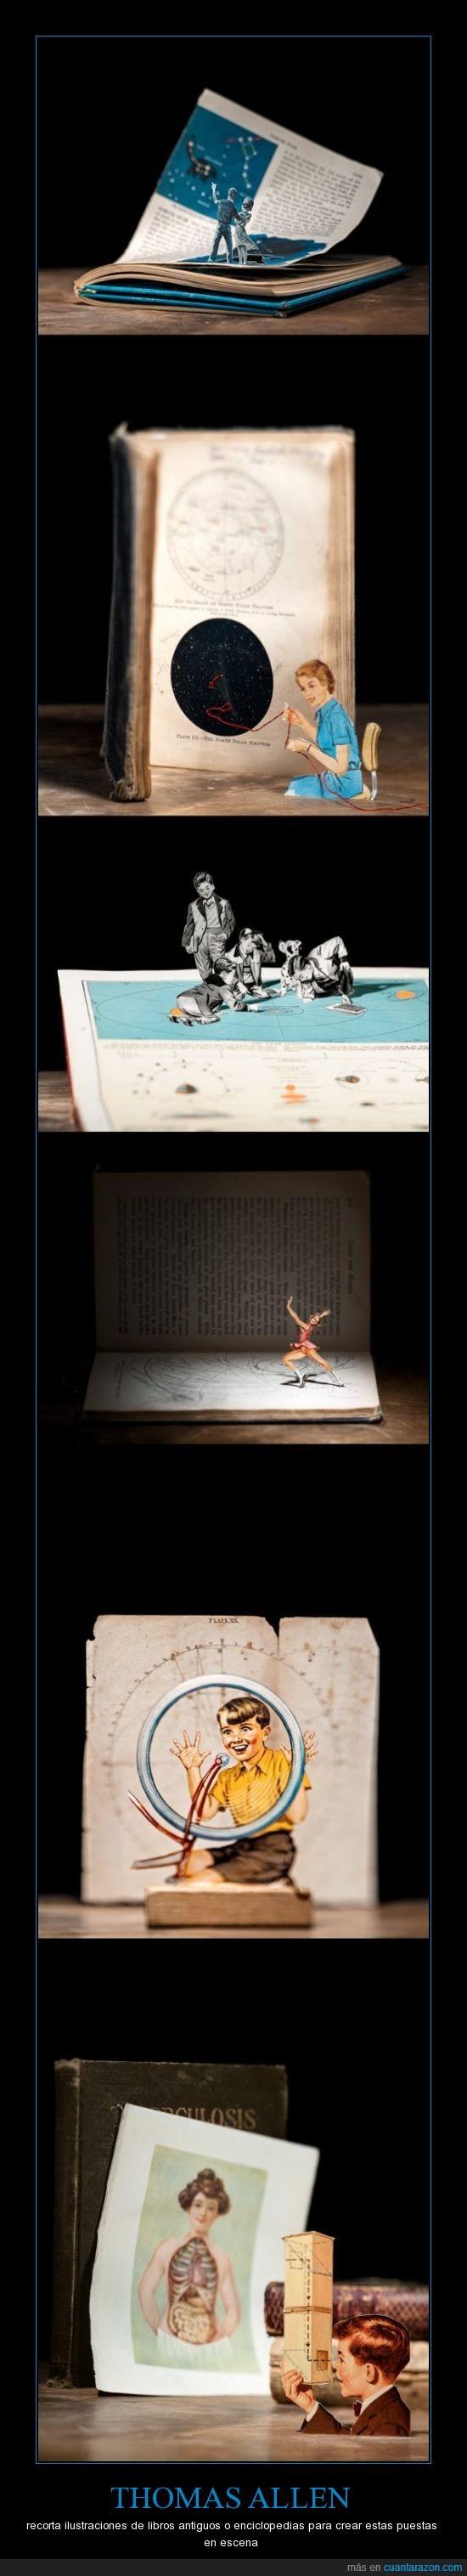 enciclopedias,escena,recortes,thomas allen